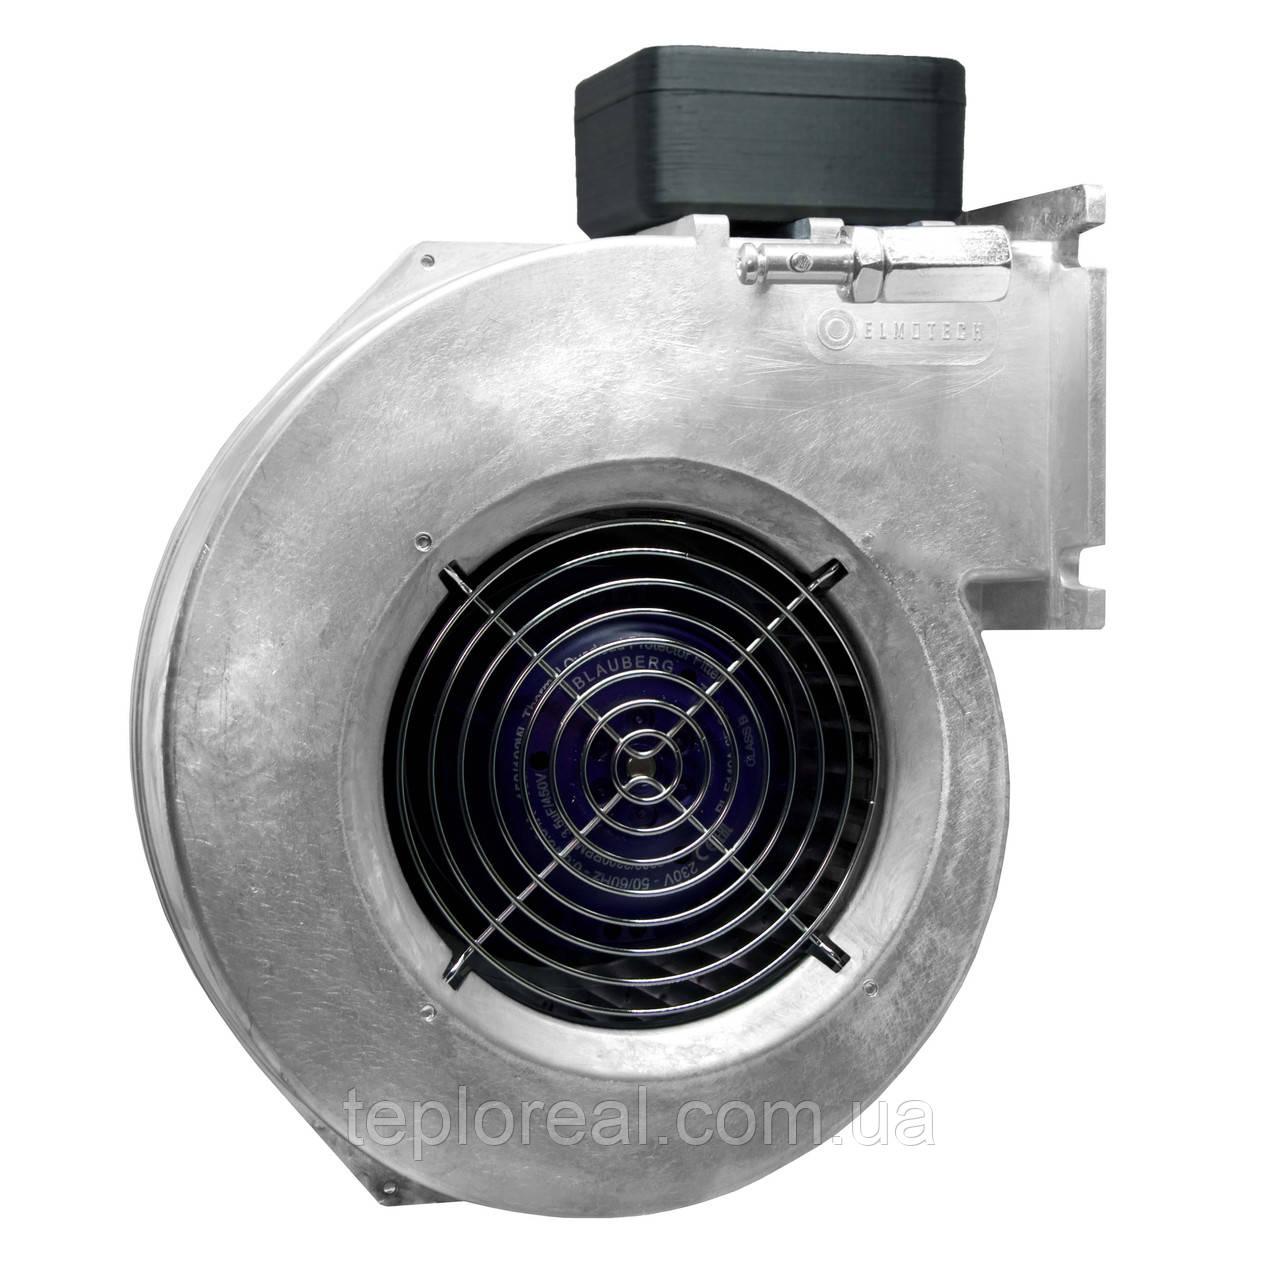 Нагнетательный вентилятор для котла на твердом топливе ELMOTECH VFS-120  280м3/ч